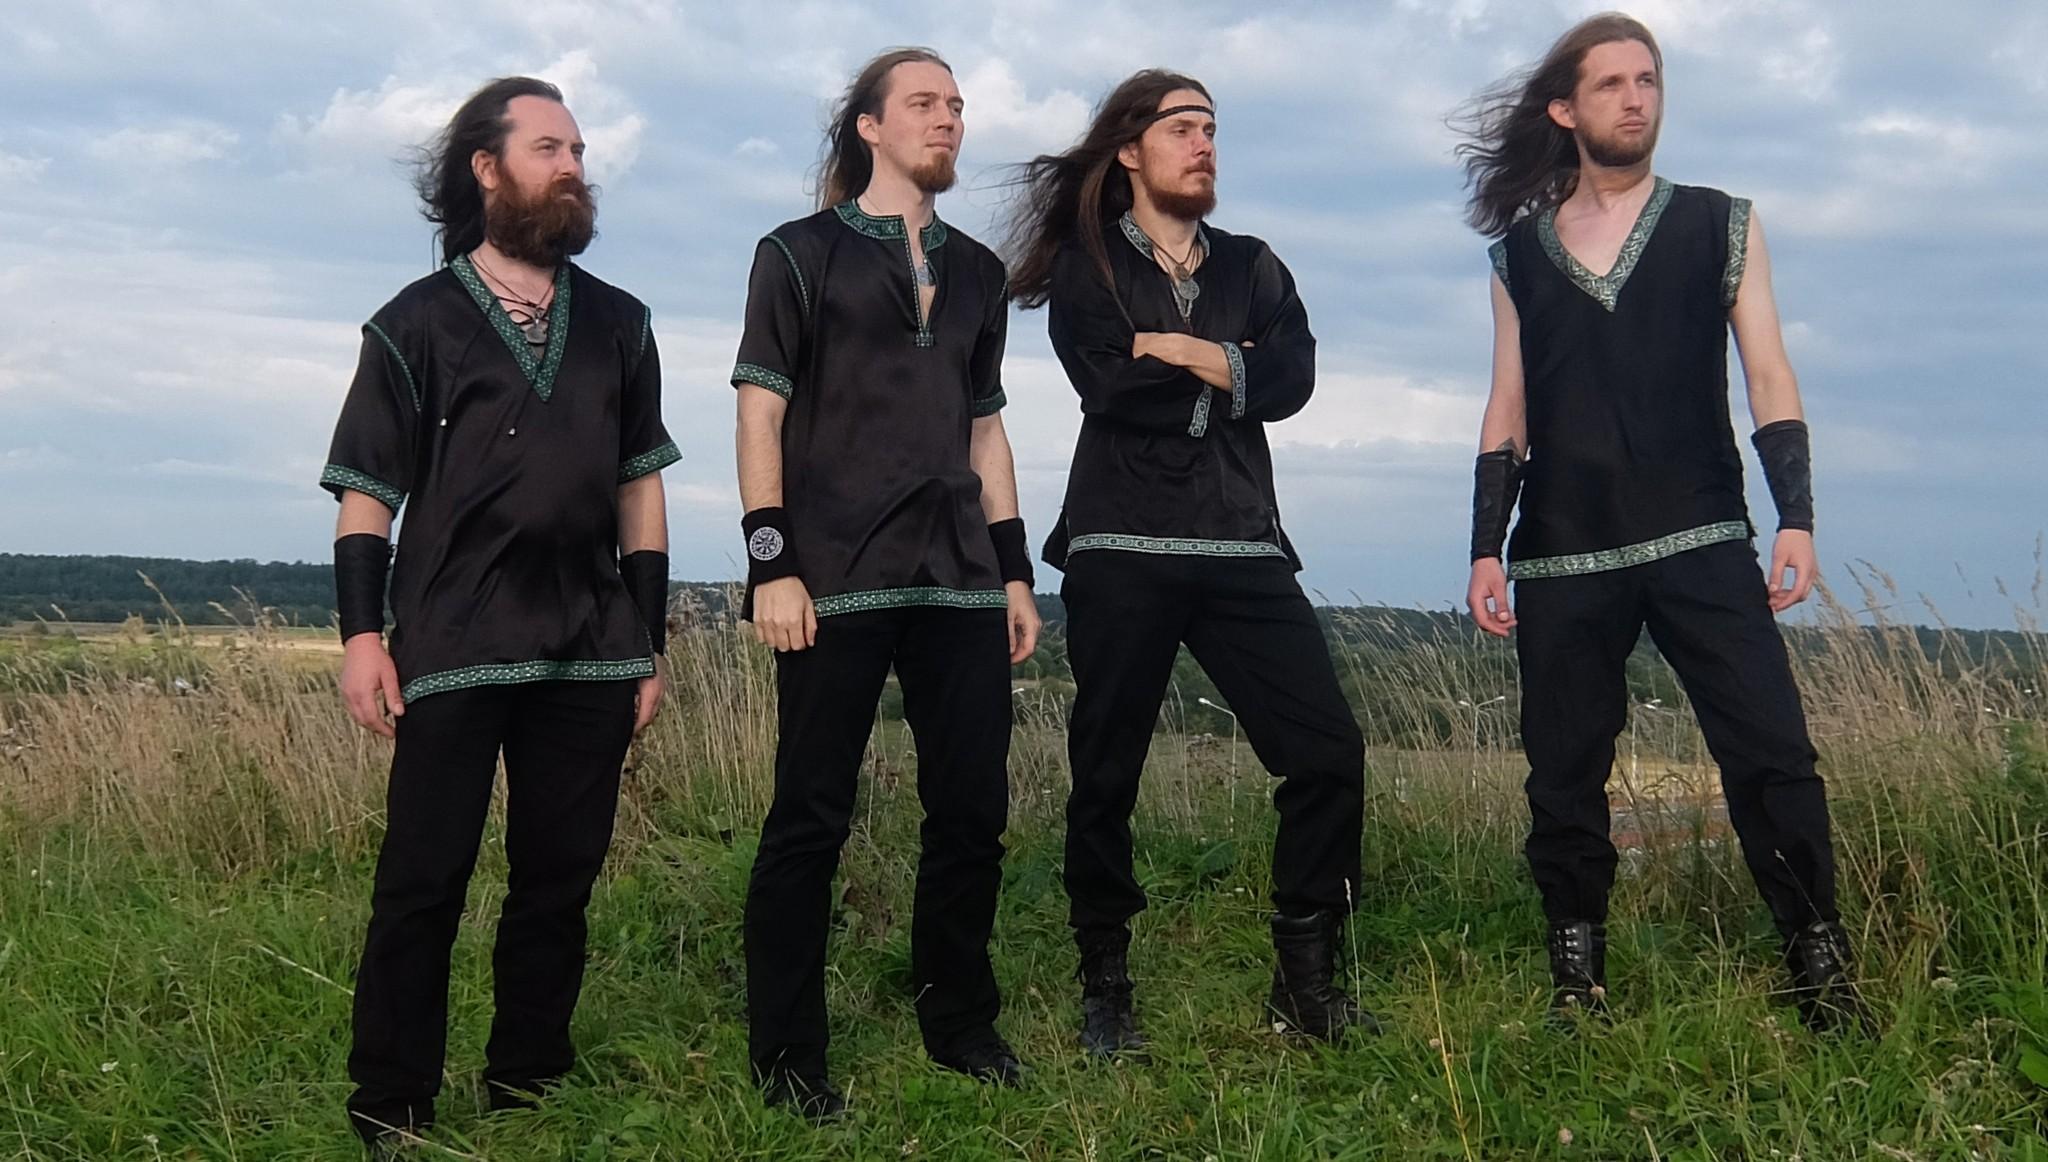 В Твери выступят варяг-металлисты из Питера - группа Vegvisir - новости Афанасий